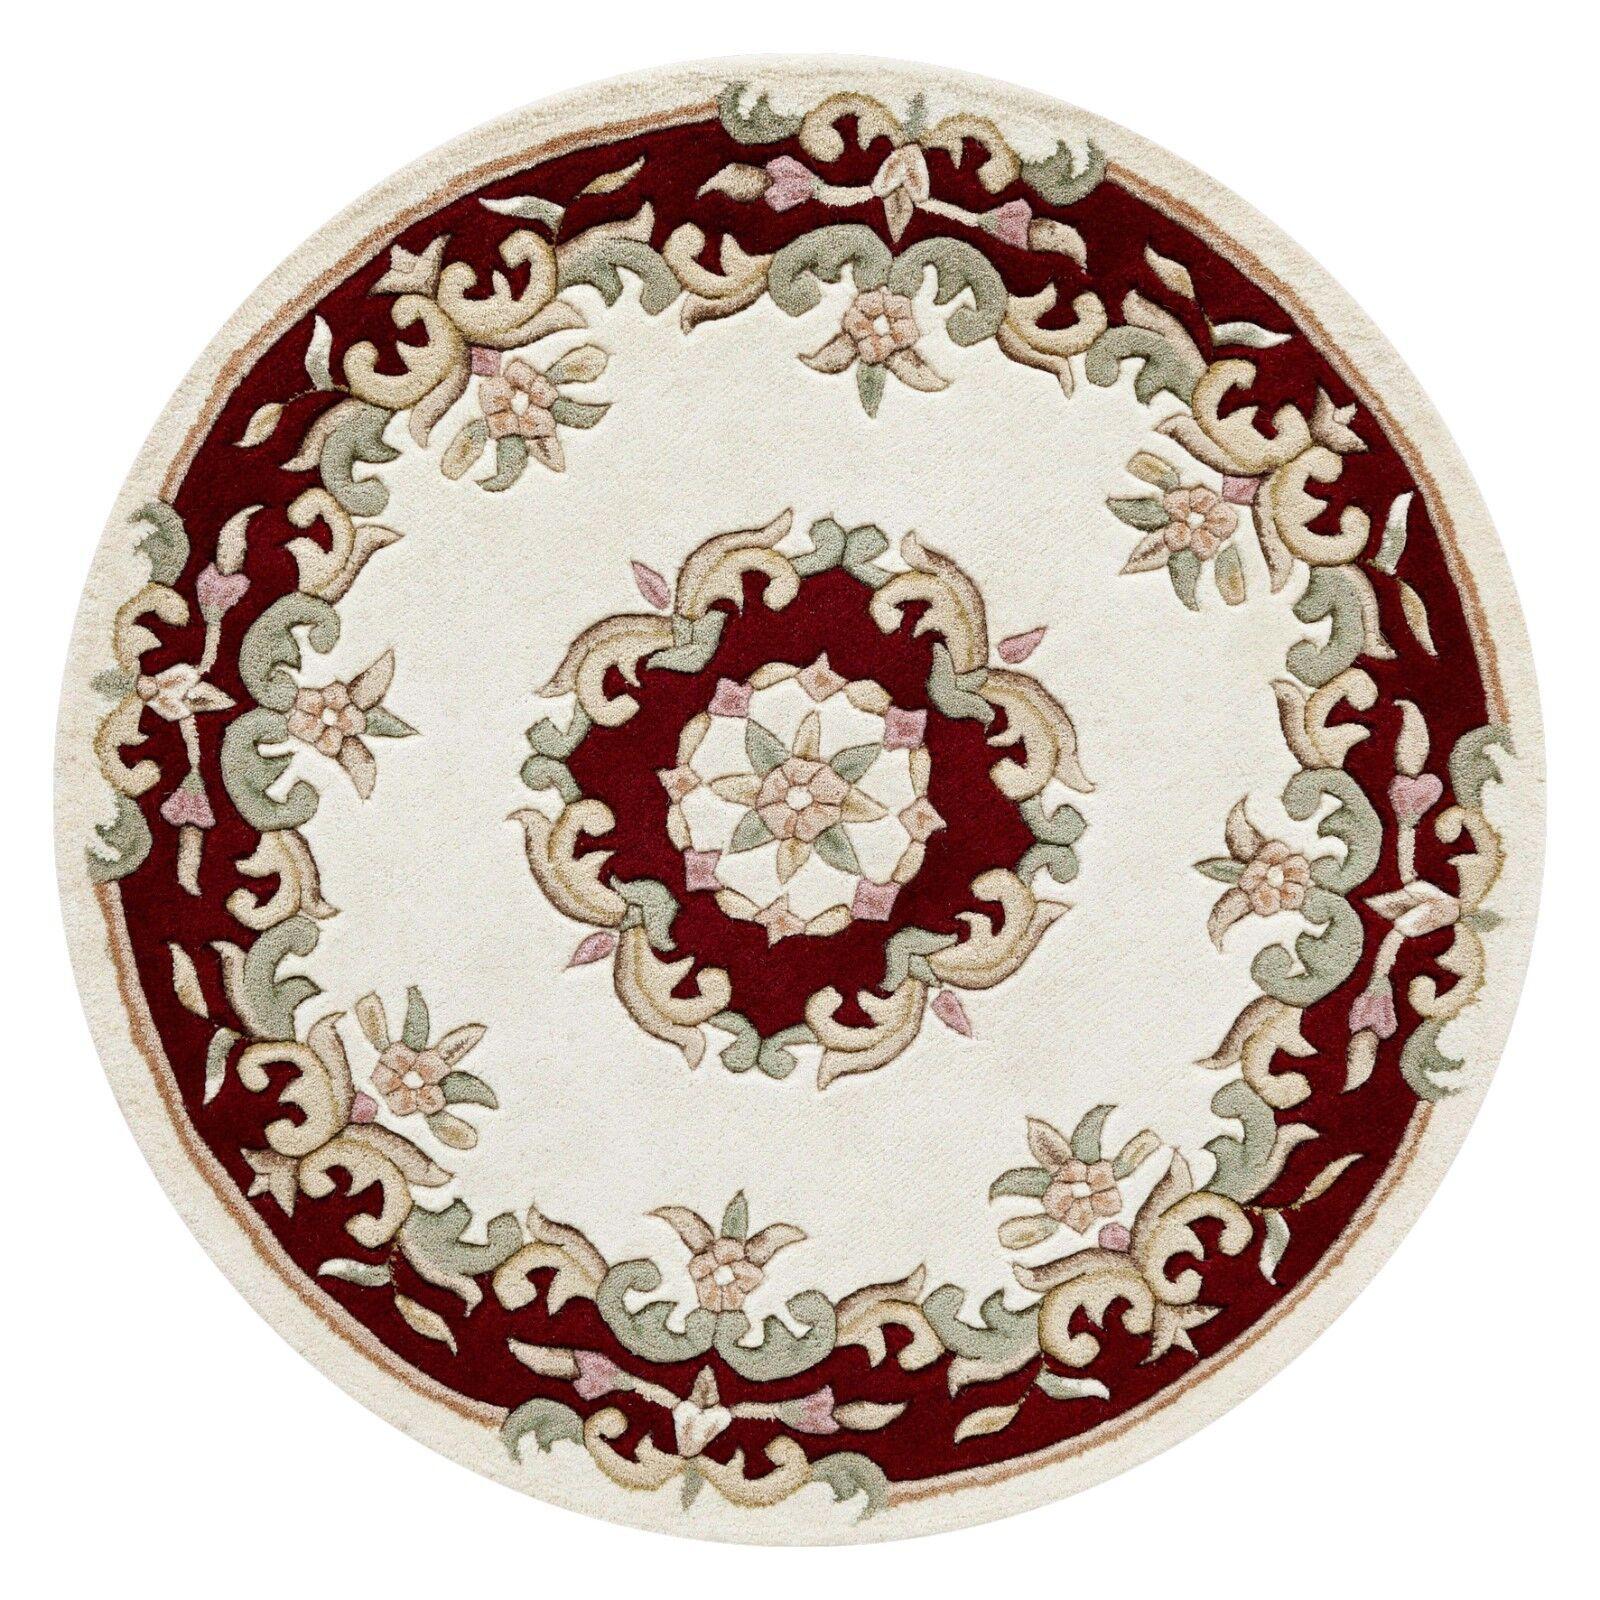 Royal Aubusson Crème Rouge Laine Tapis en Tailles Différentes demi-lune demi-lune demi-lune et cercle | Apparence Attrayante  622c34